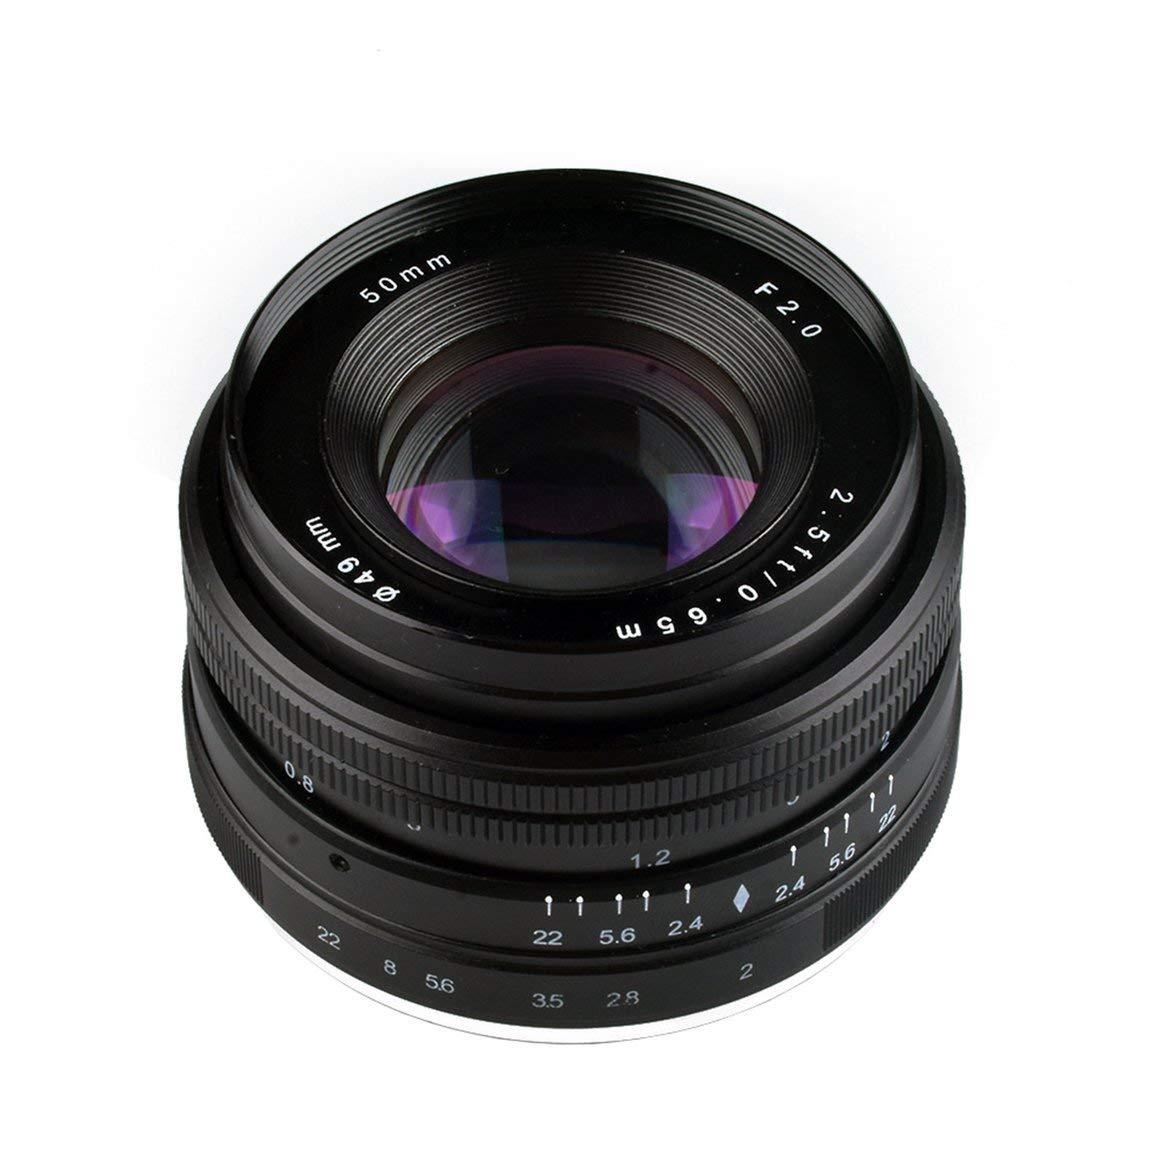 Fantasyworld 50mmF2.0 Micro einziges manuelles Zoom-Objektiv mit großer Apertur manuellen Fokus-Objektiv APS-C für Sony E Berg